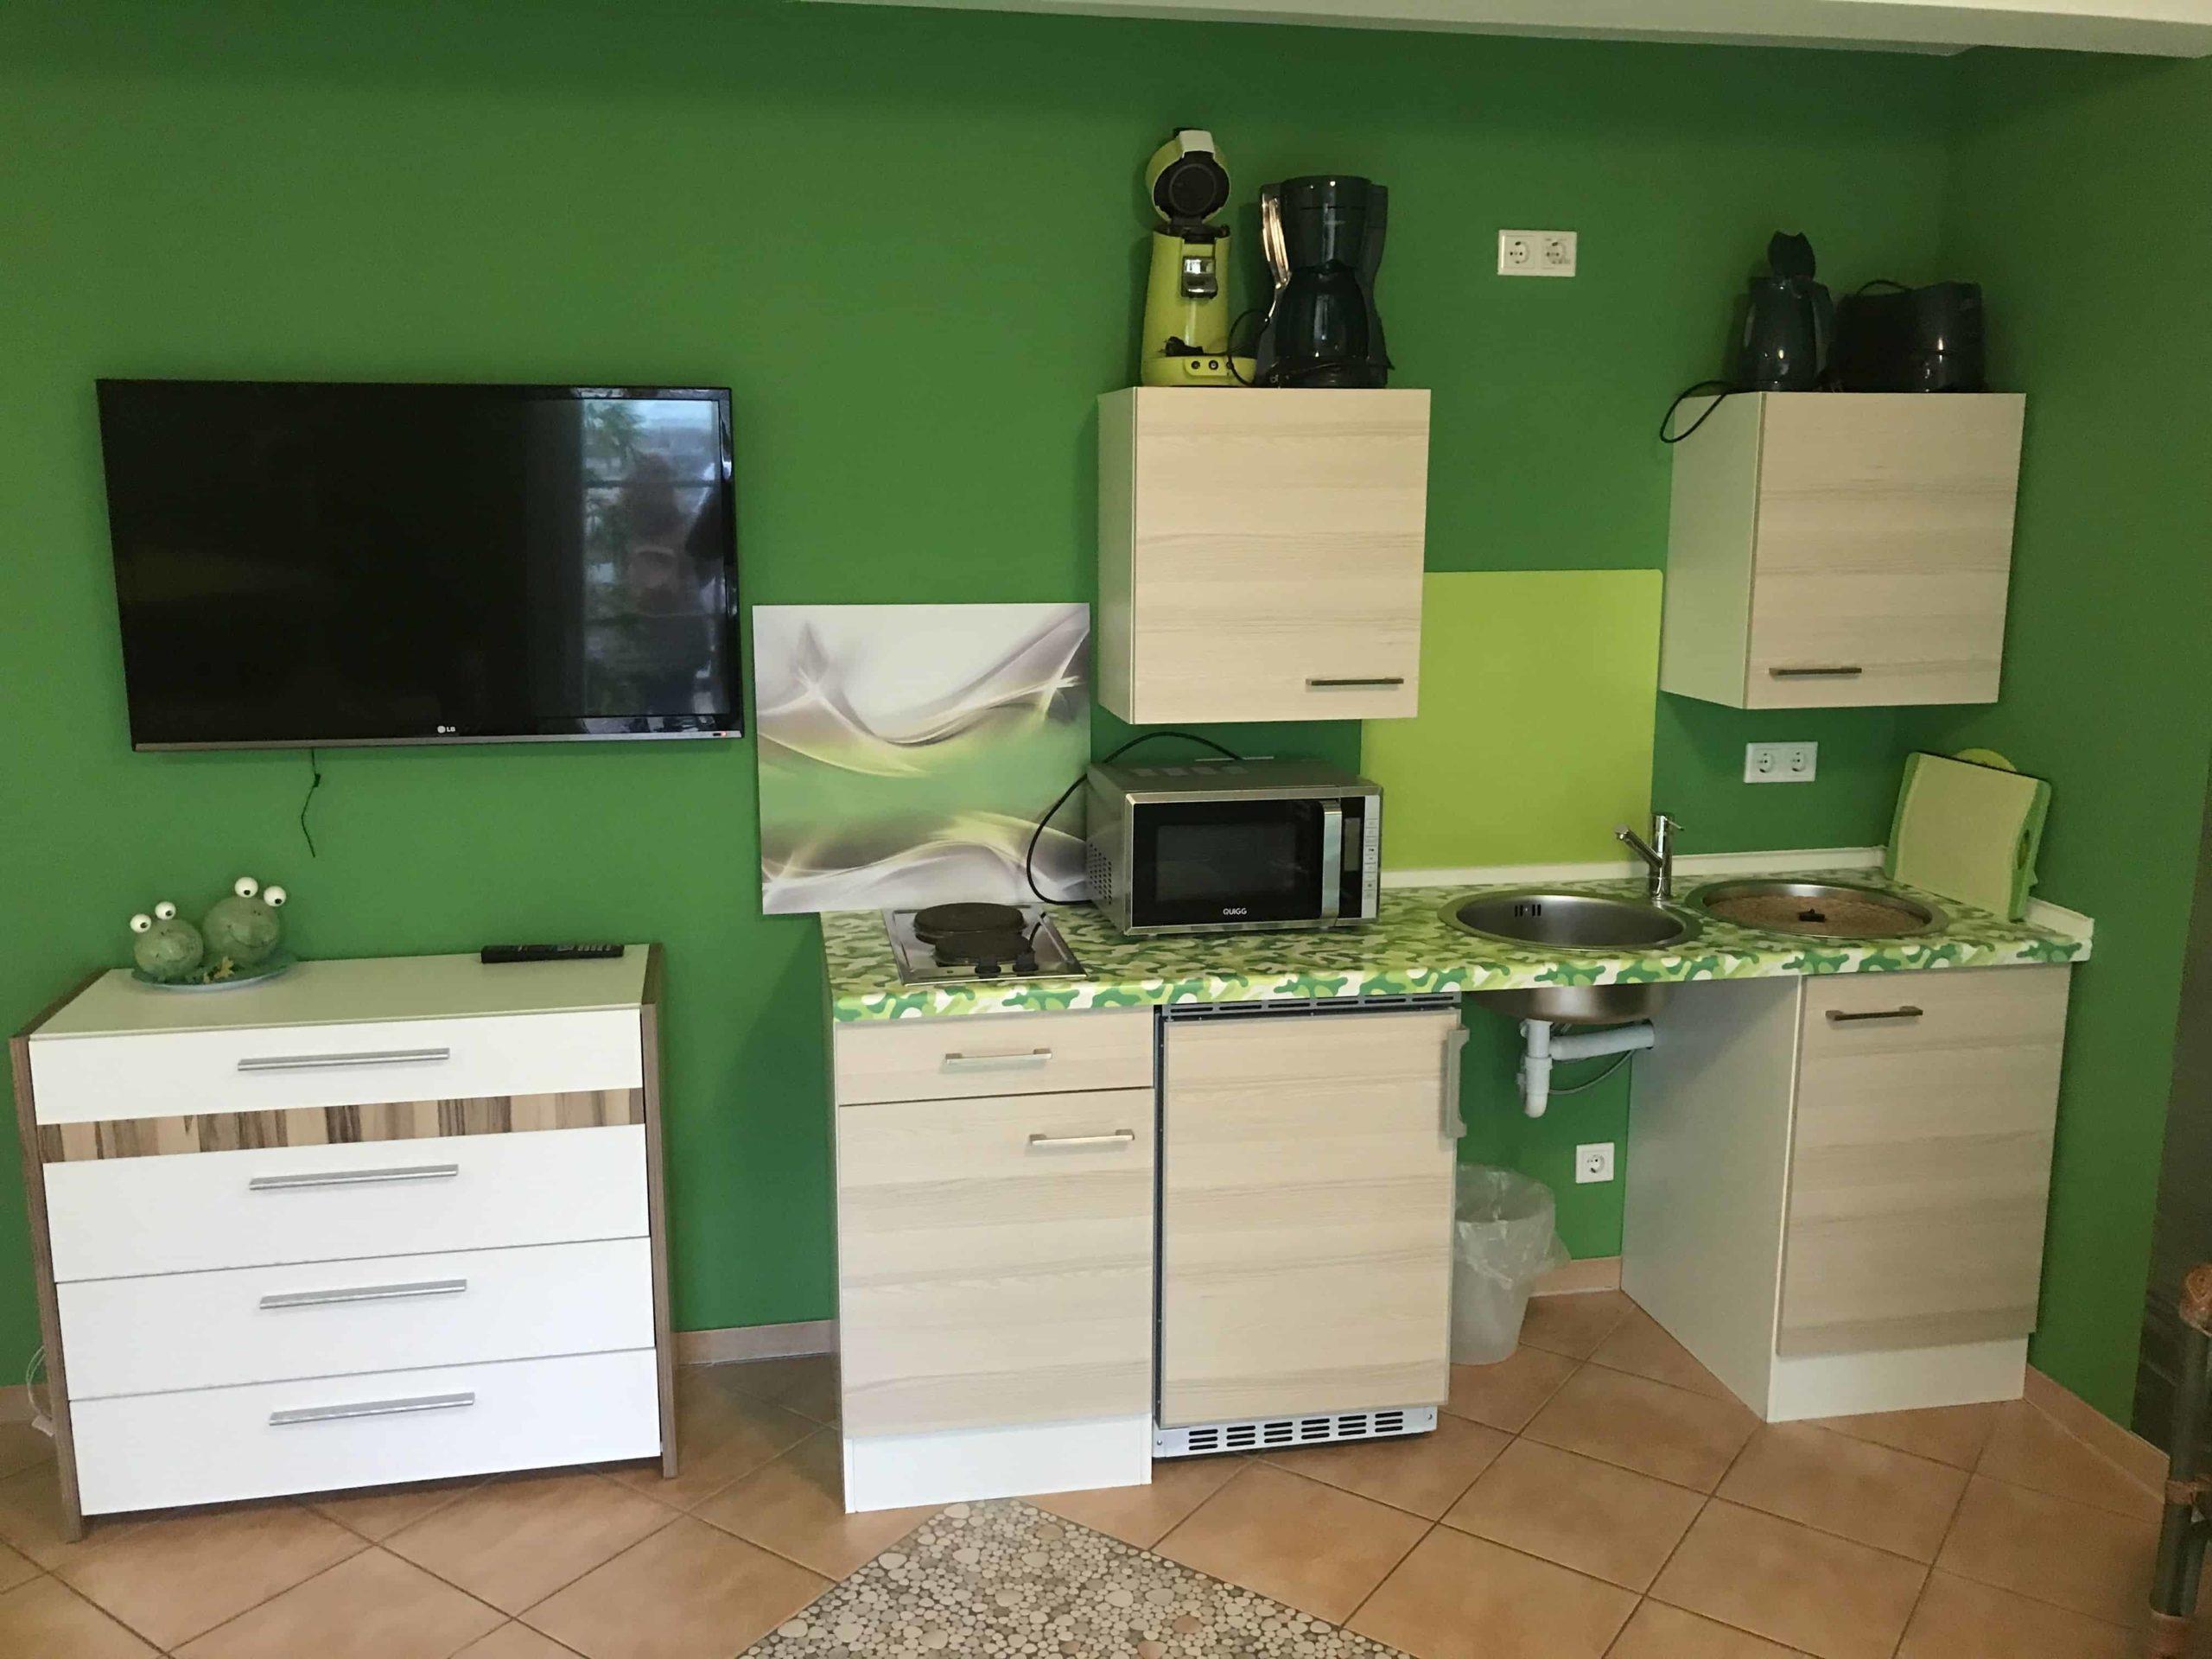 Cocina en la habitación con aparatos eléctricos y tonos verdes